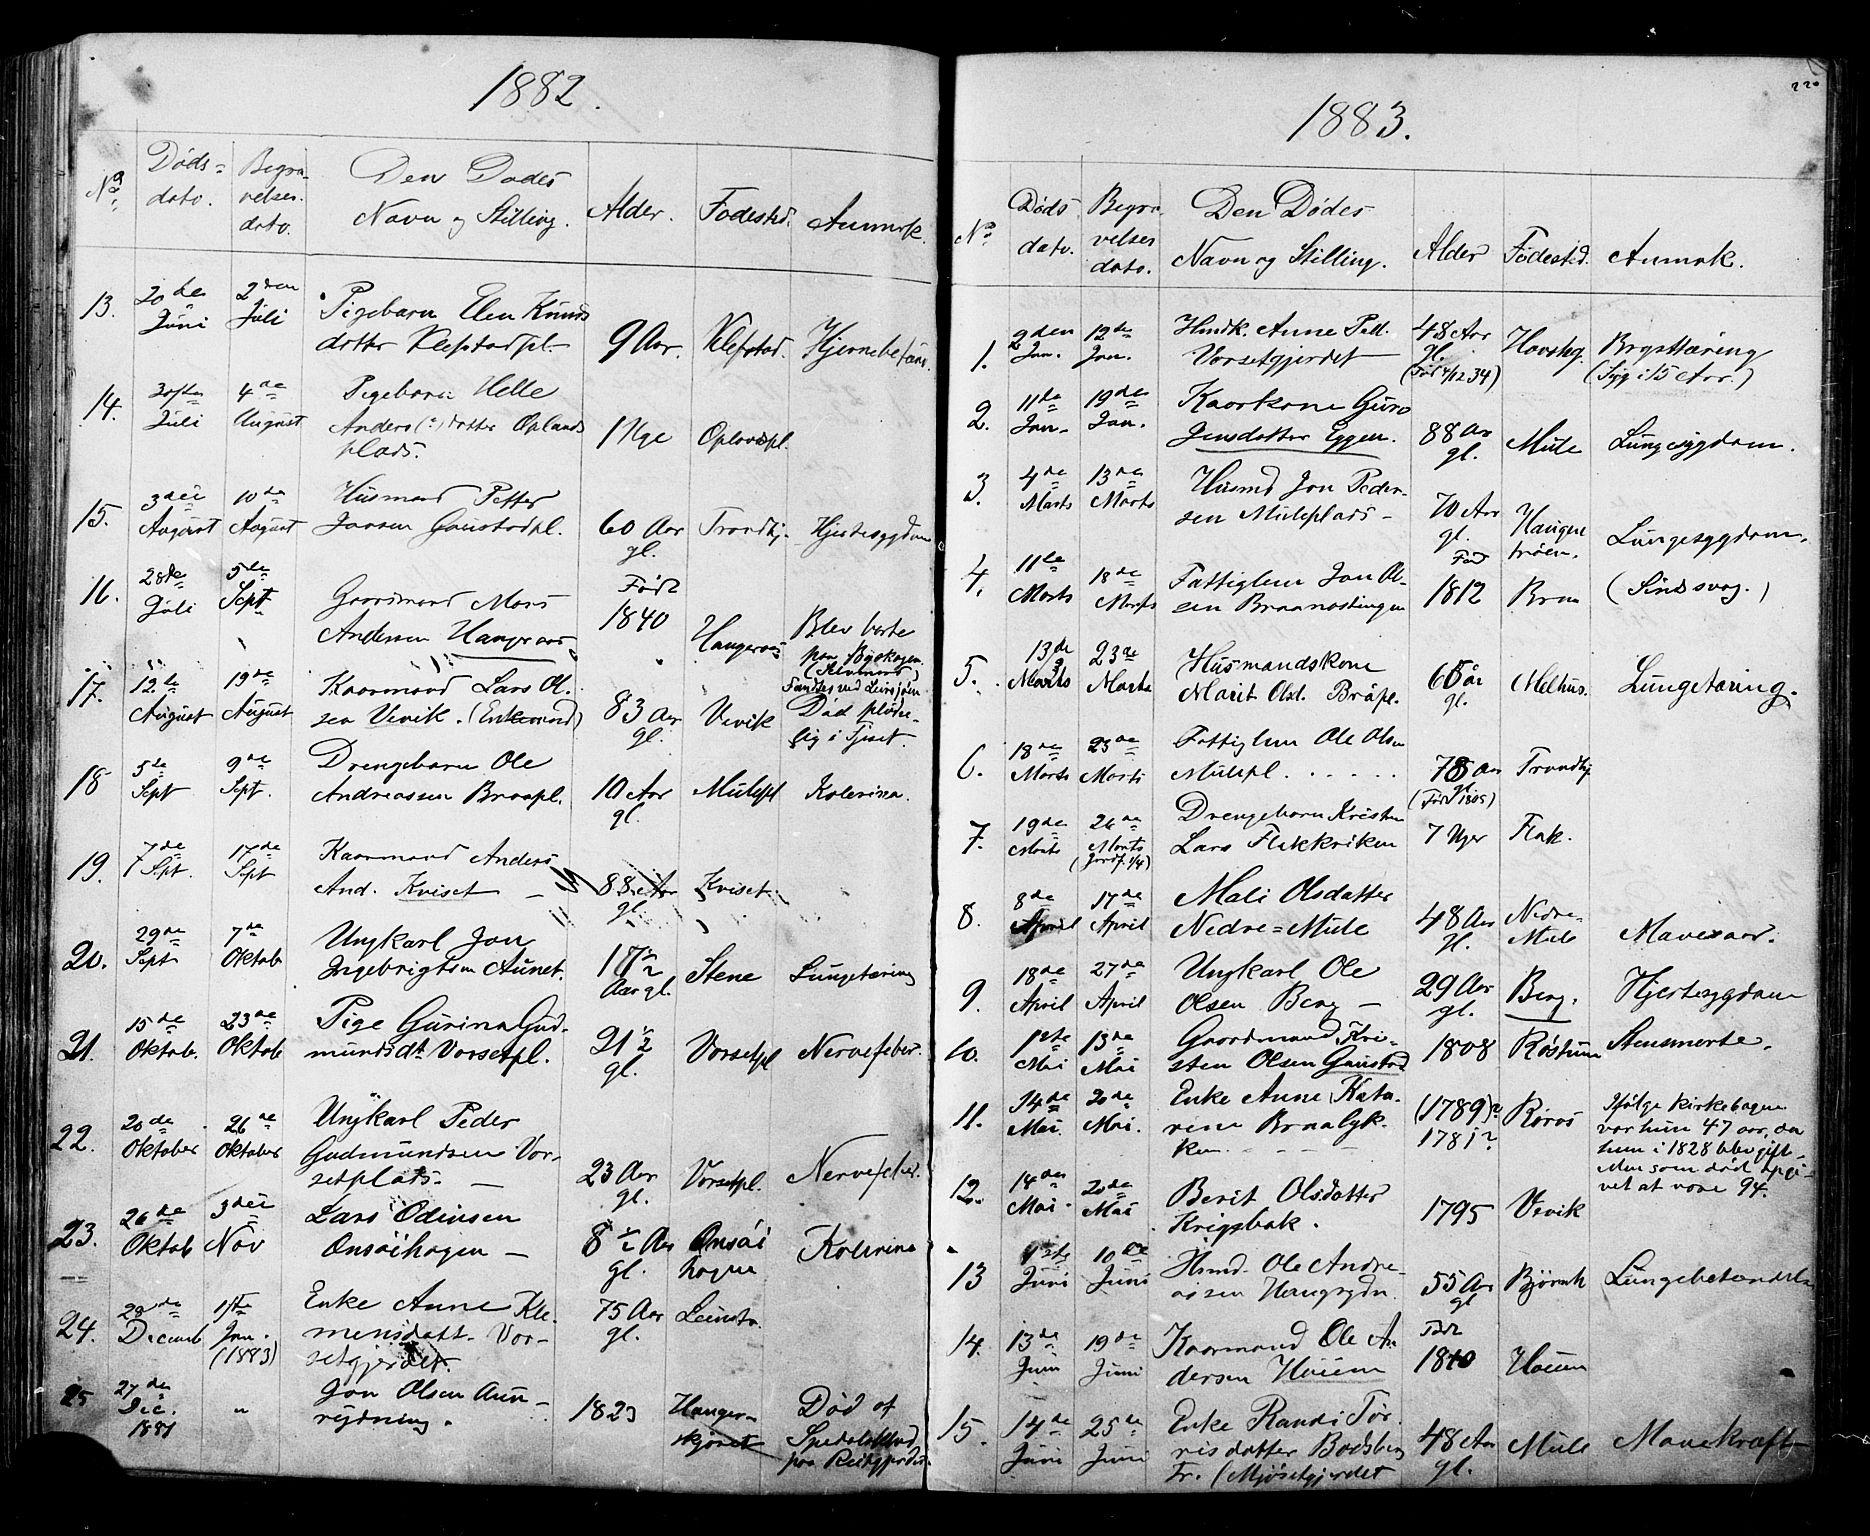 SAT, Ministerialprotokoller, klokkerbøker og fødselsregistre - Sør-Trøndelag, 612/L0387: Klokkerbok nr. 612C03, 1874-1908, s. 220